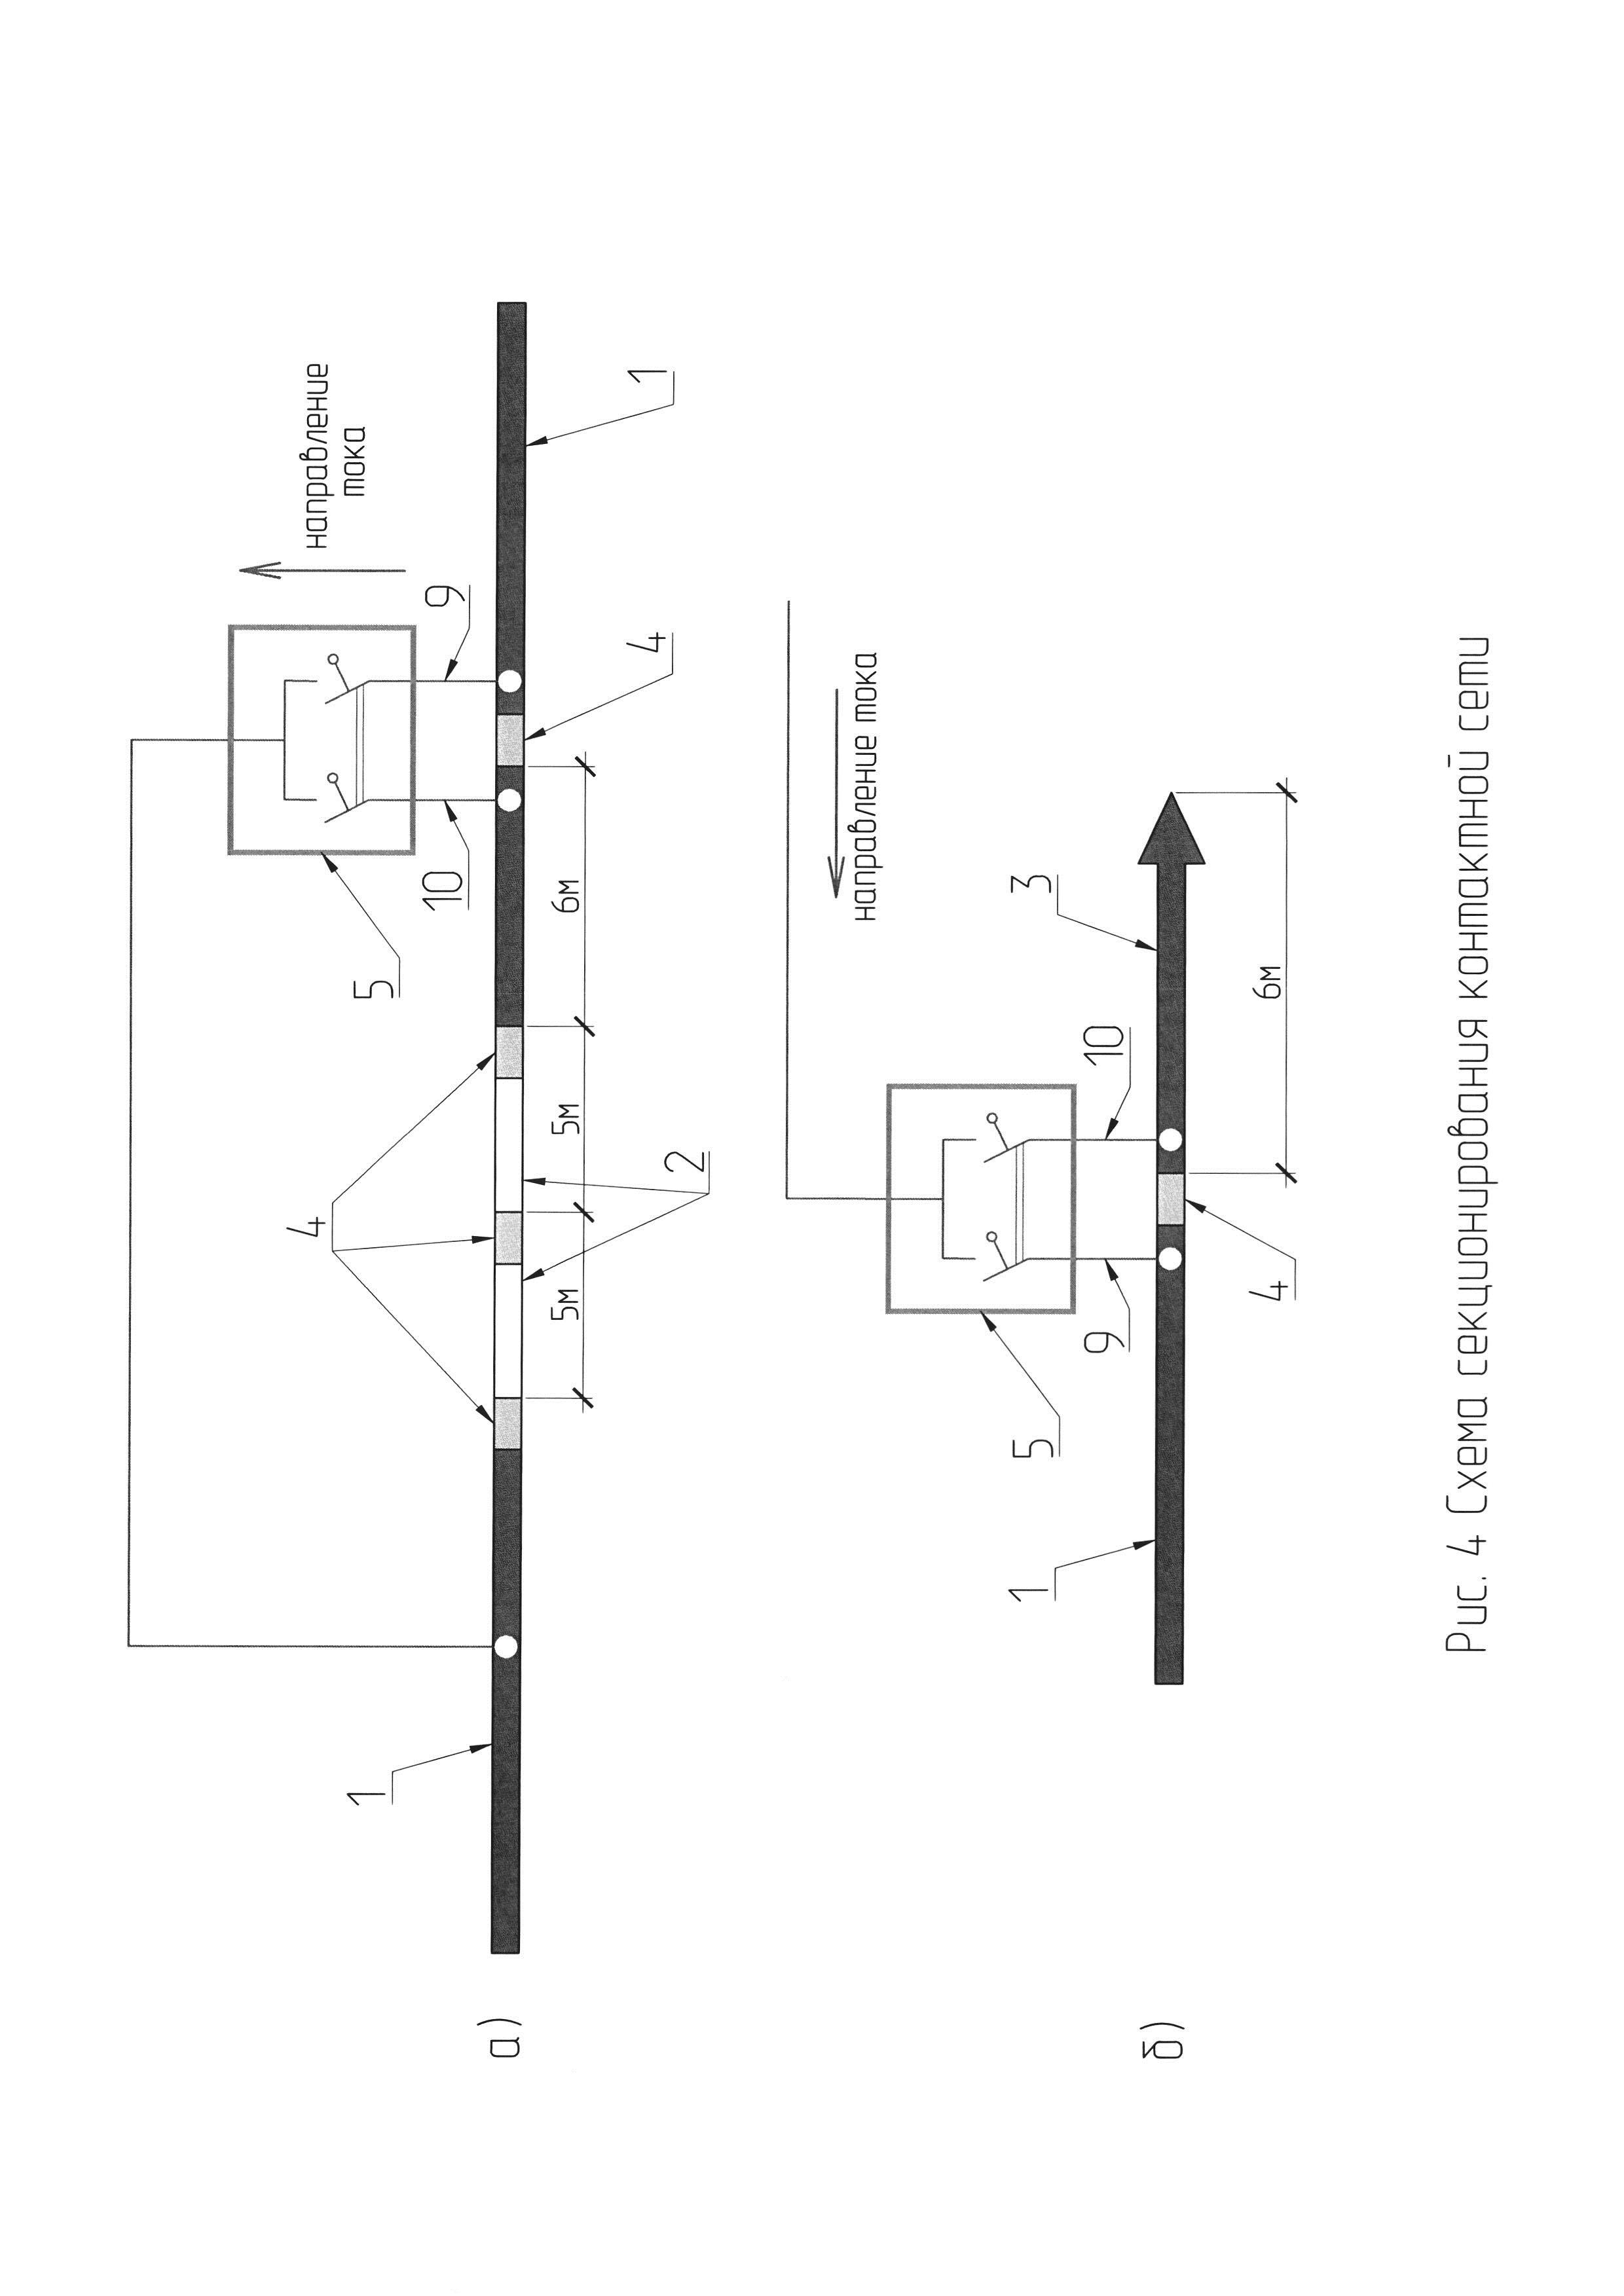 Абсолютная тяговая сеть линий метрополитена с непрерывным питанием вагонов